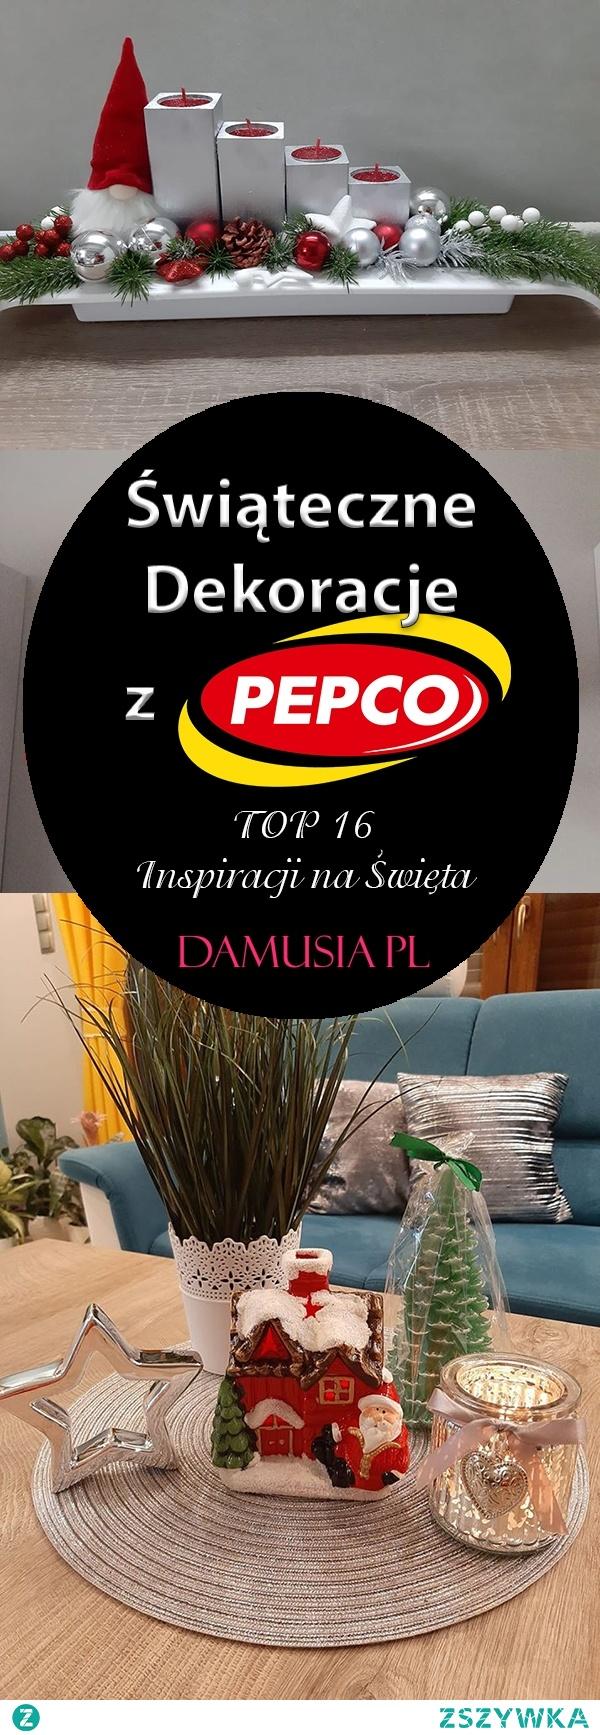 Świąteczne Dekoracje z Pepco- TOP 16 Inspiracji na Święta